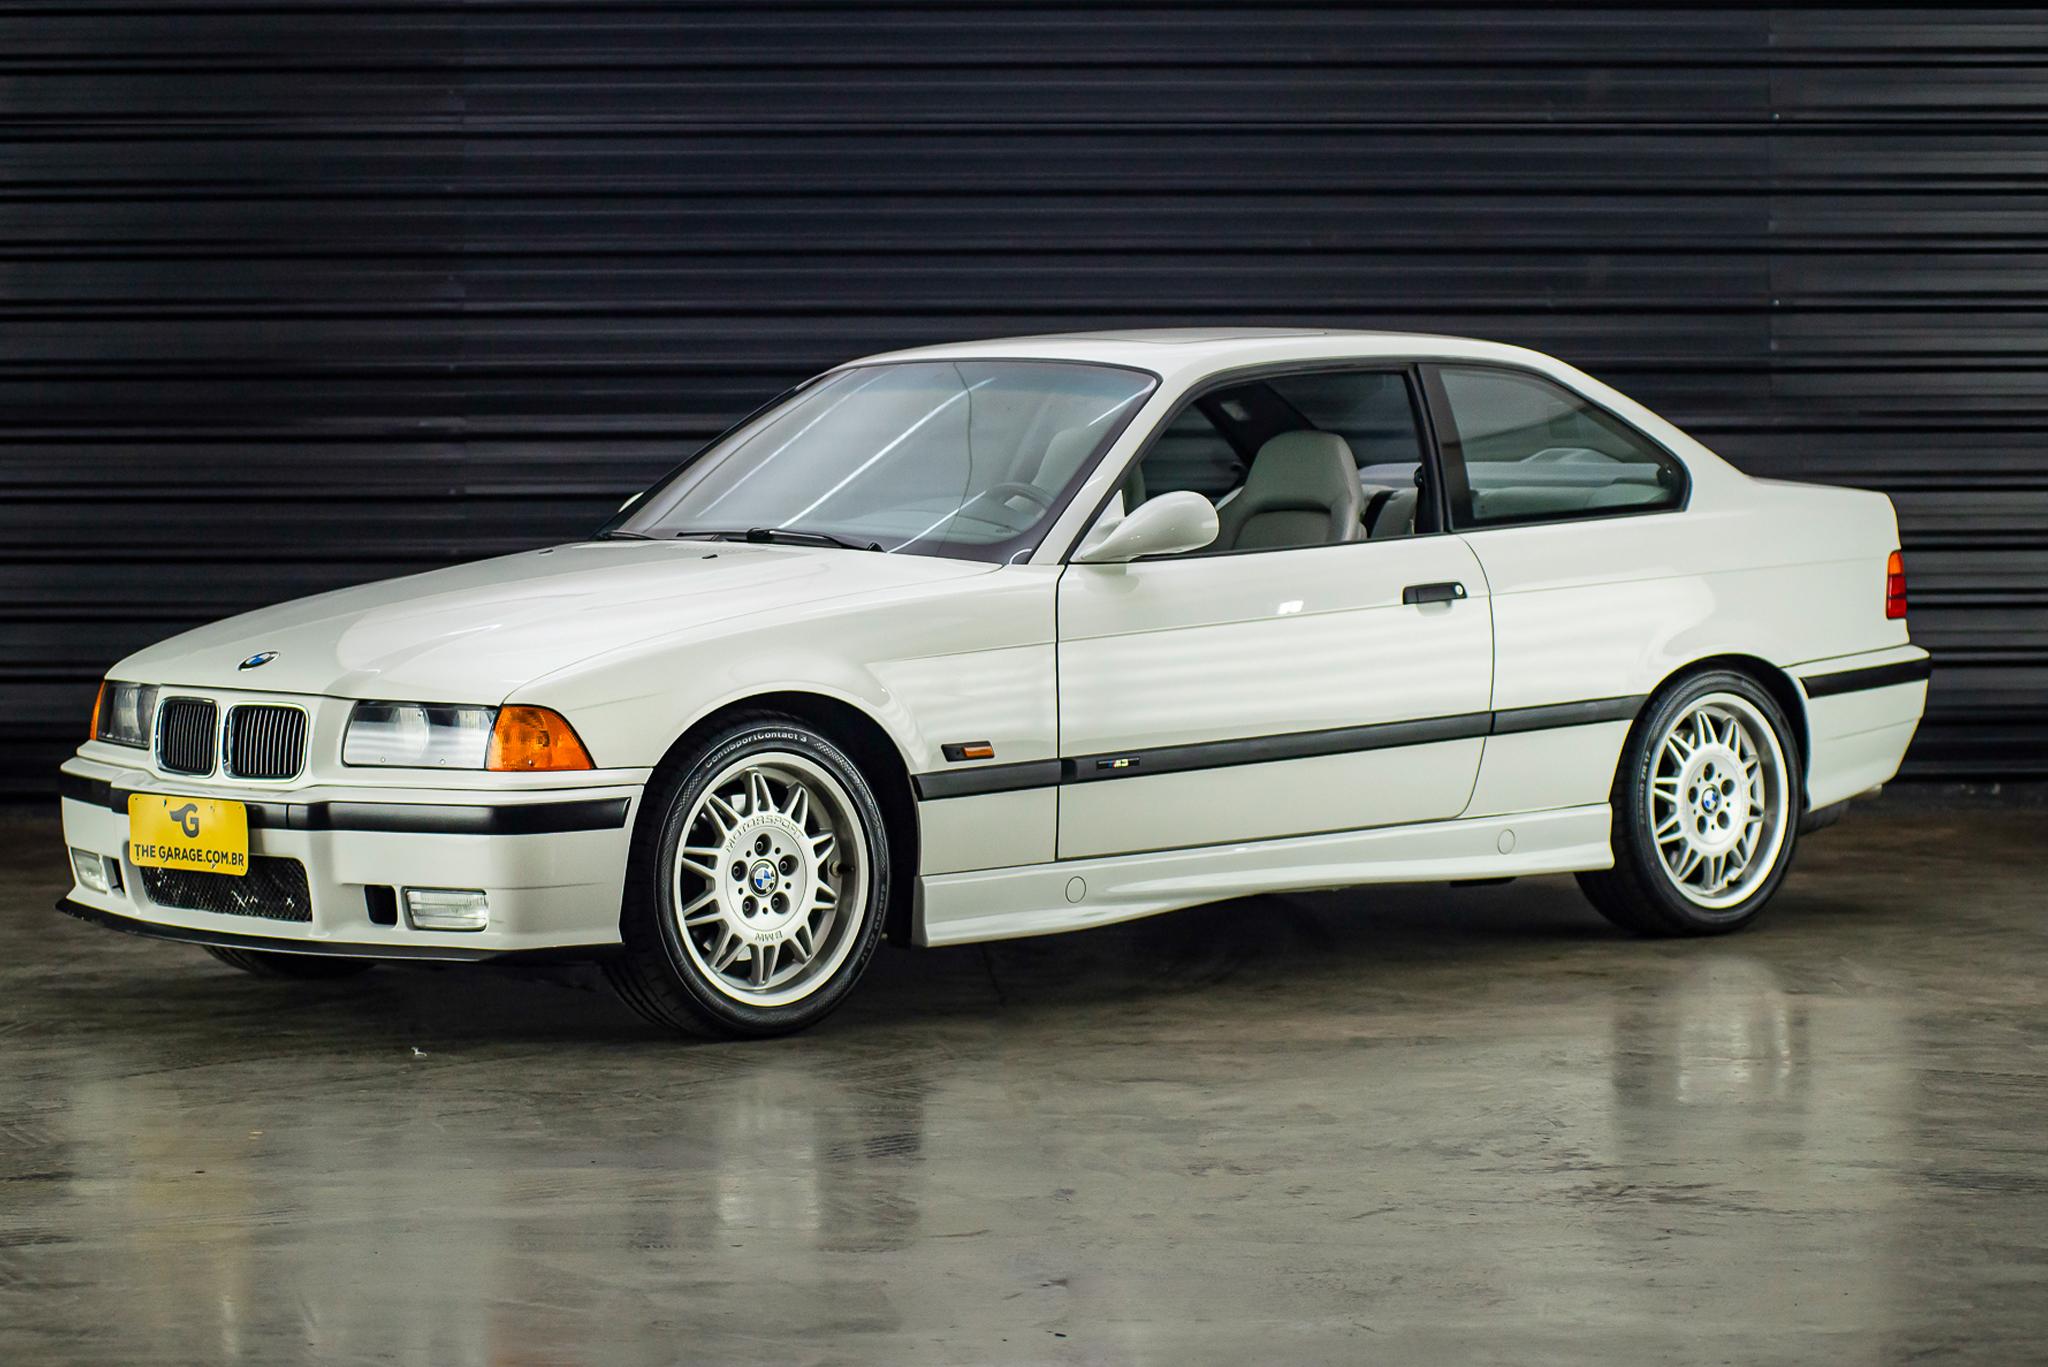 1995-bmw-m3-branca-a-venda-sao-paulo-sp-for-sale-the-garage-classicos-a-venda-loja-de-carros-antigos-29